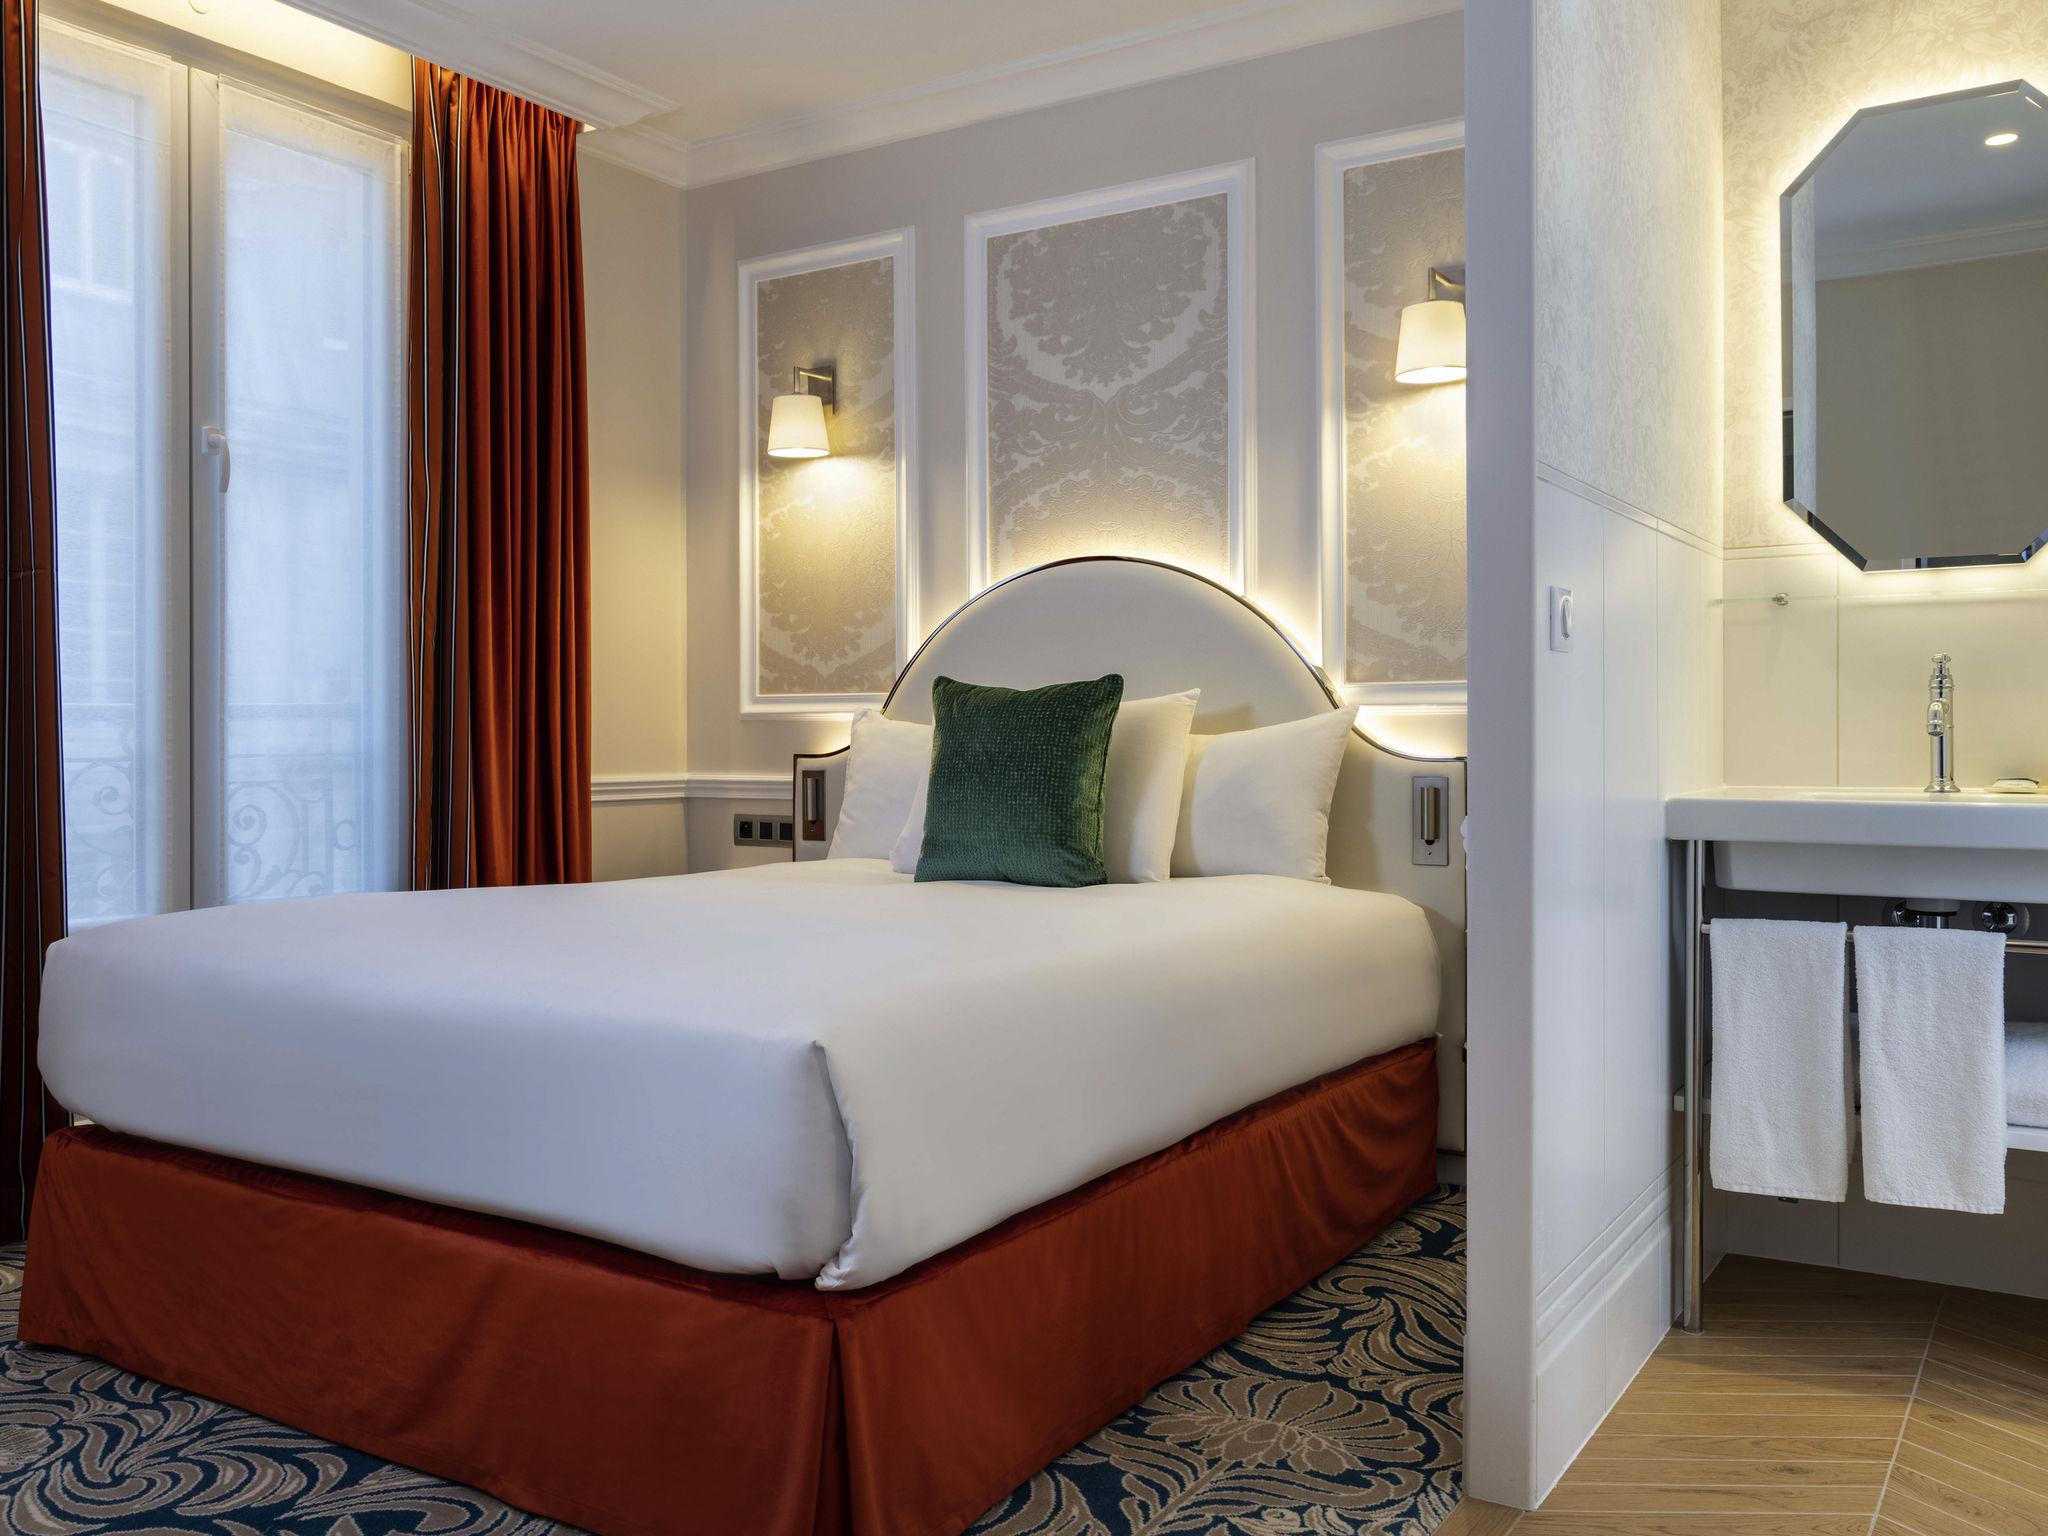 ホテル – メルキュールパリラソルボンヌ